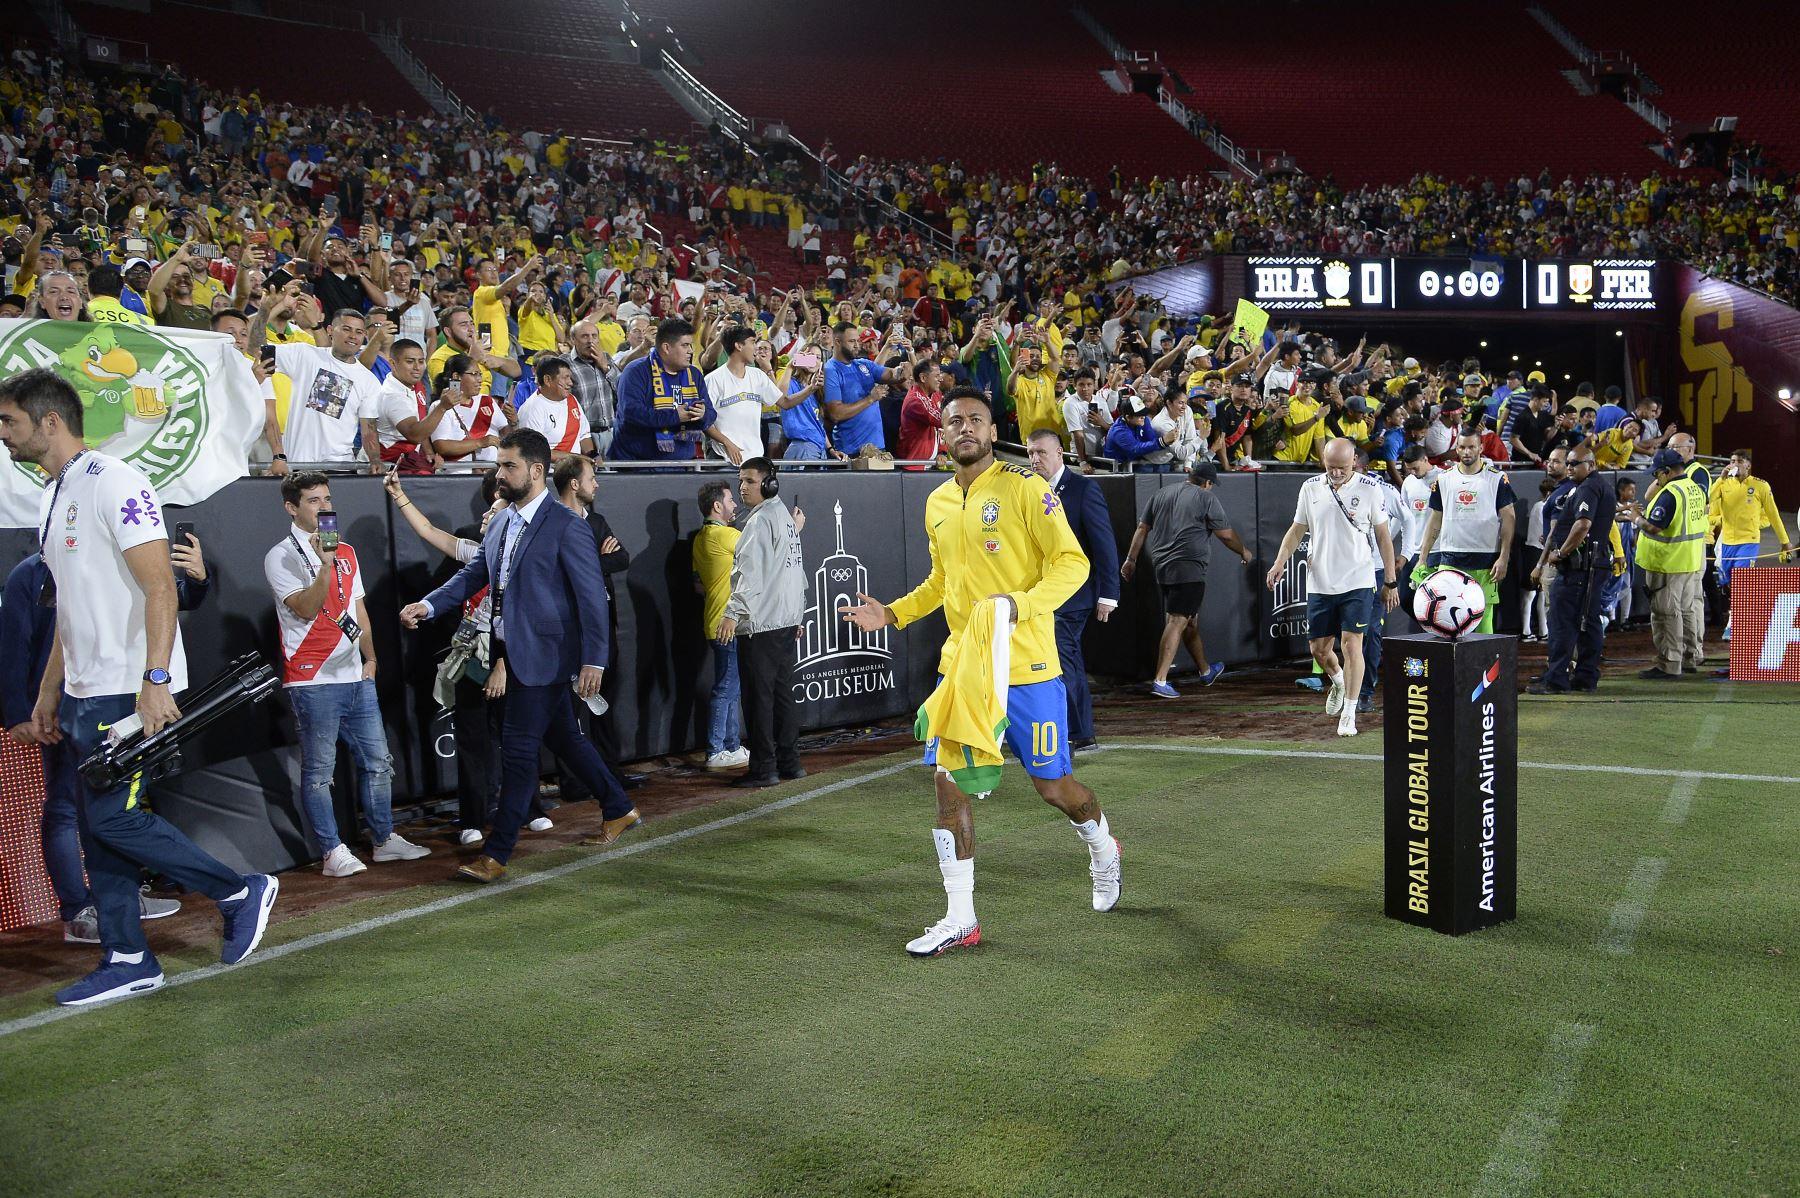 Neymar Jr. de Brasil ingresa al estadio para el partido de la Copa de Campeones Internacional 2019 contra Perú, al Angeles Memorial Stadium en Los Ángeles.Foto.AFP